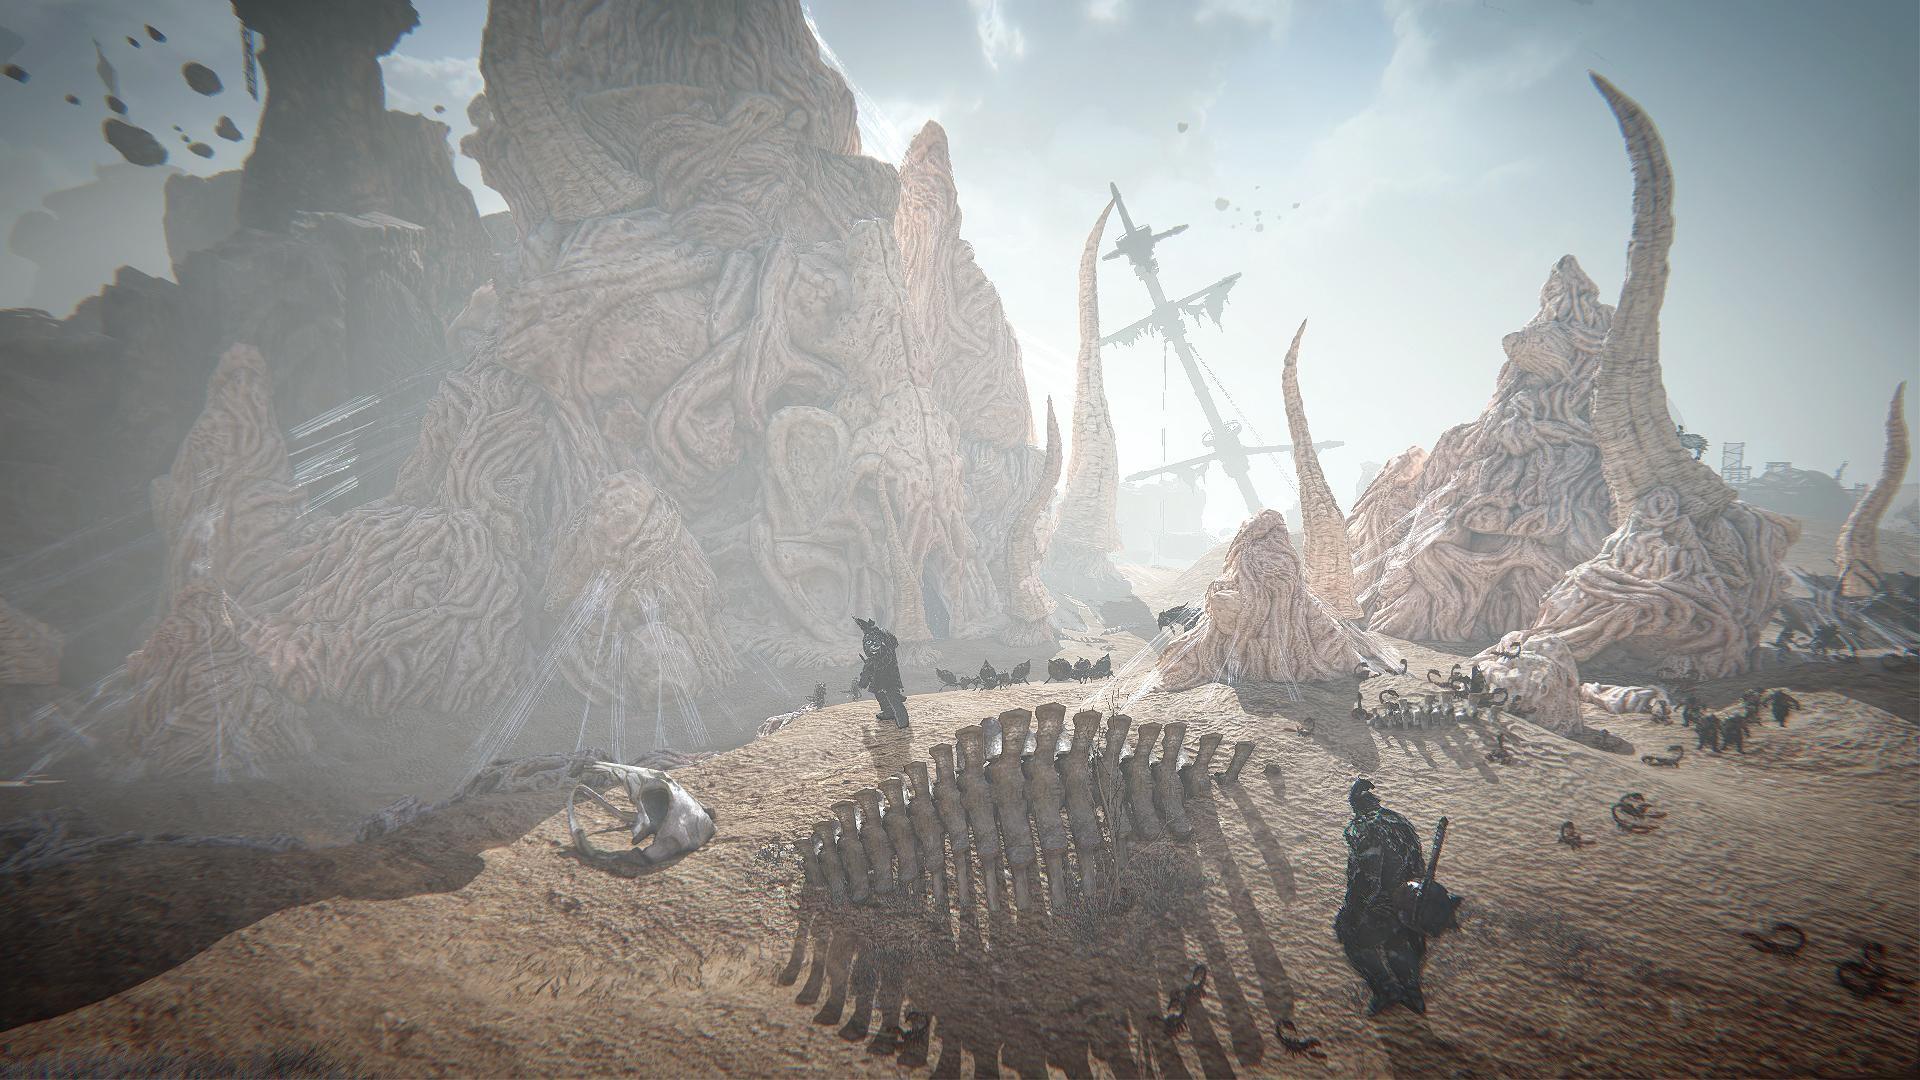 Autoři PUBG chystají novou hru, MMORPG Ascent: Infinite Realm 152525